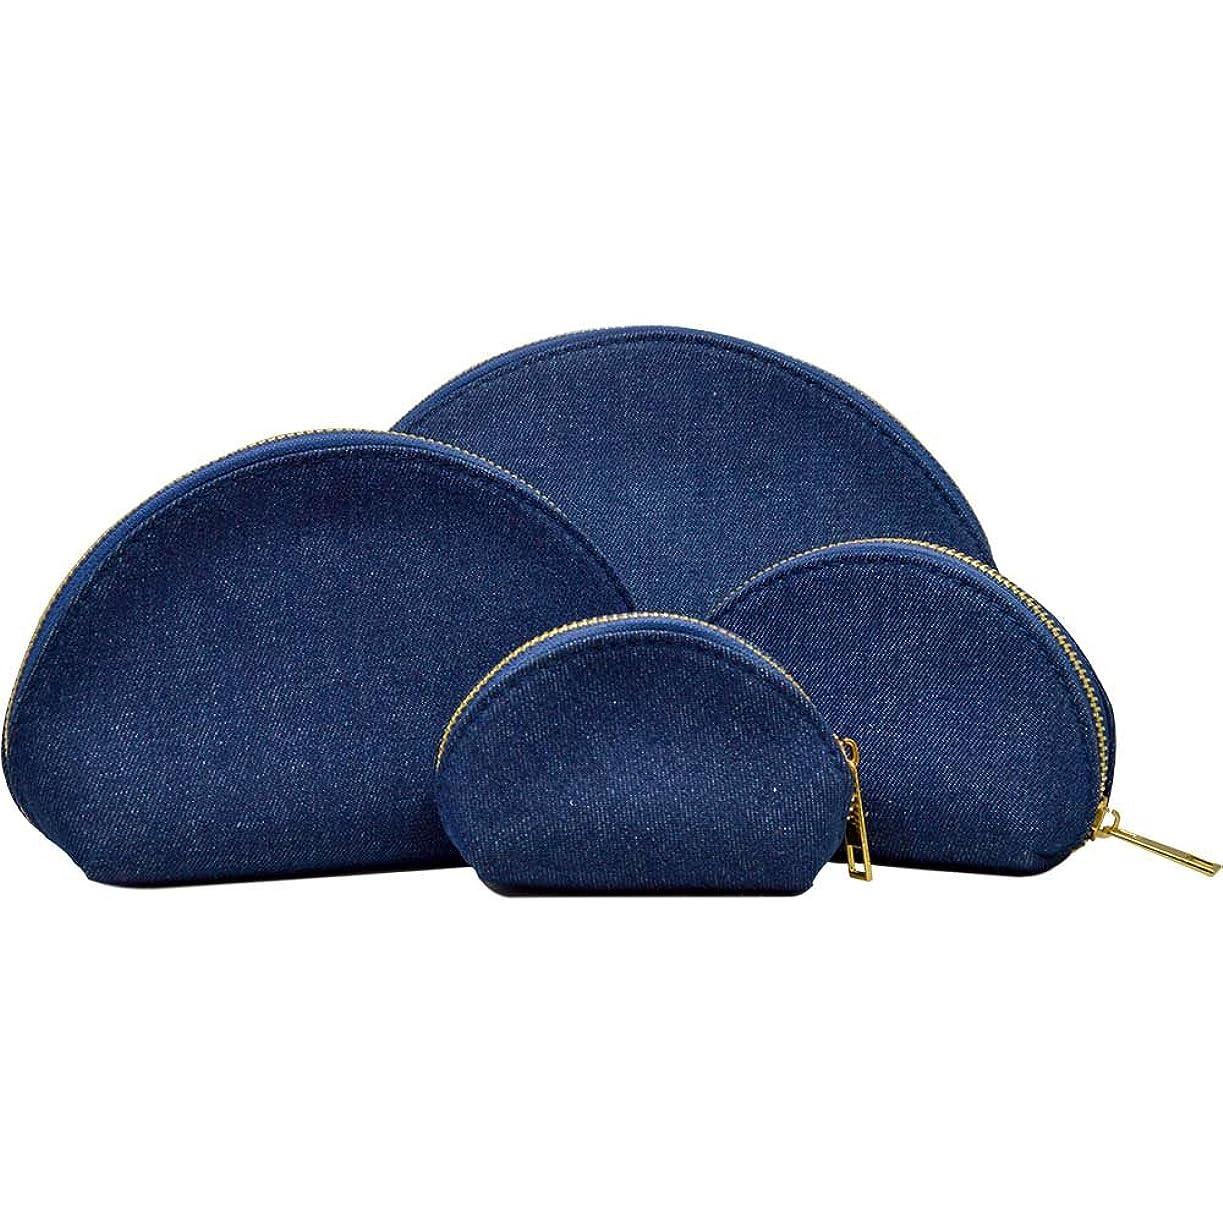 ヒープ医師に対応する豪華4点セット デニム コスメポーチ 小物ポーチ 小さい 極小 大きい 4サイズ デニムデザイン バッグINバッグ ラウンド 化粧ポーチ (インディゴブルー)